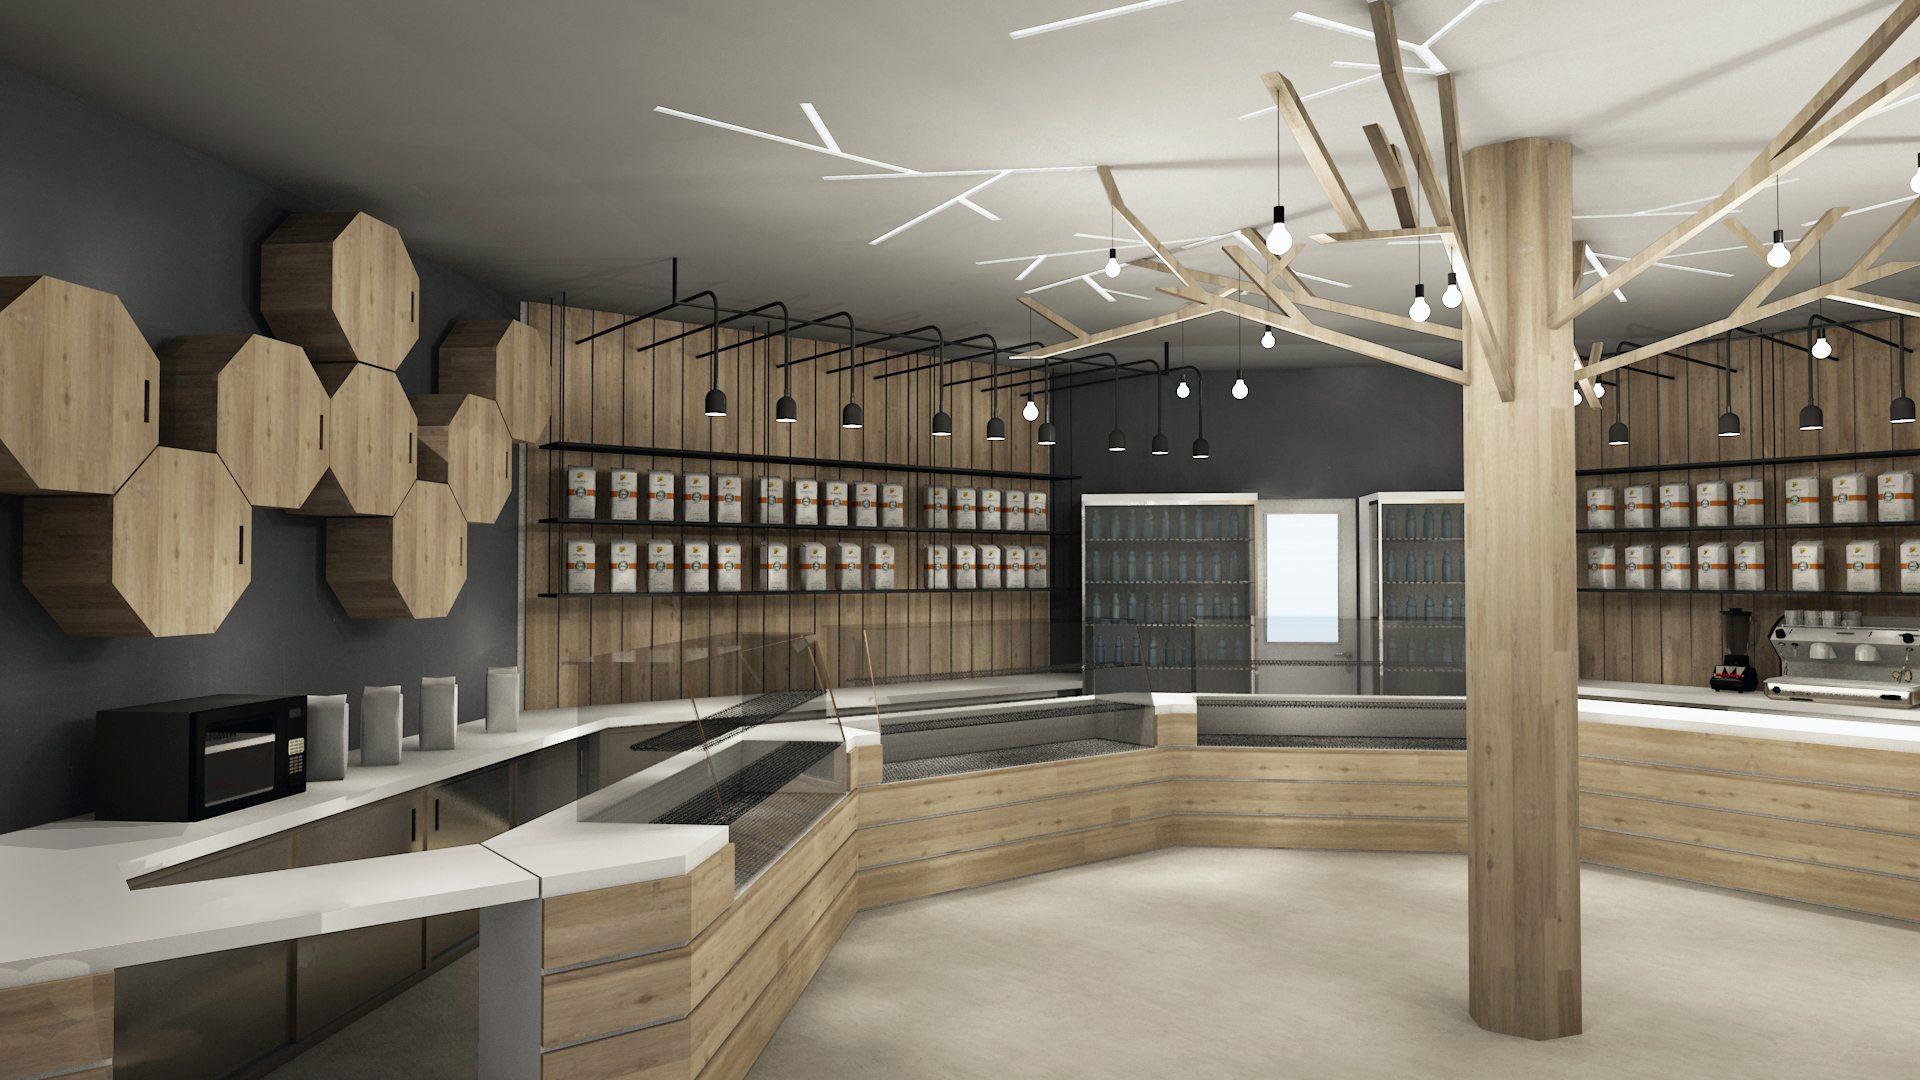 archicostudio_hospital-cafe_shop-1